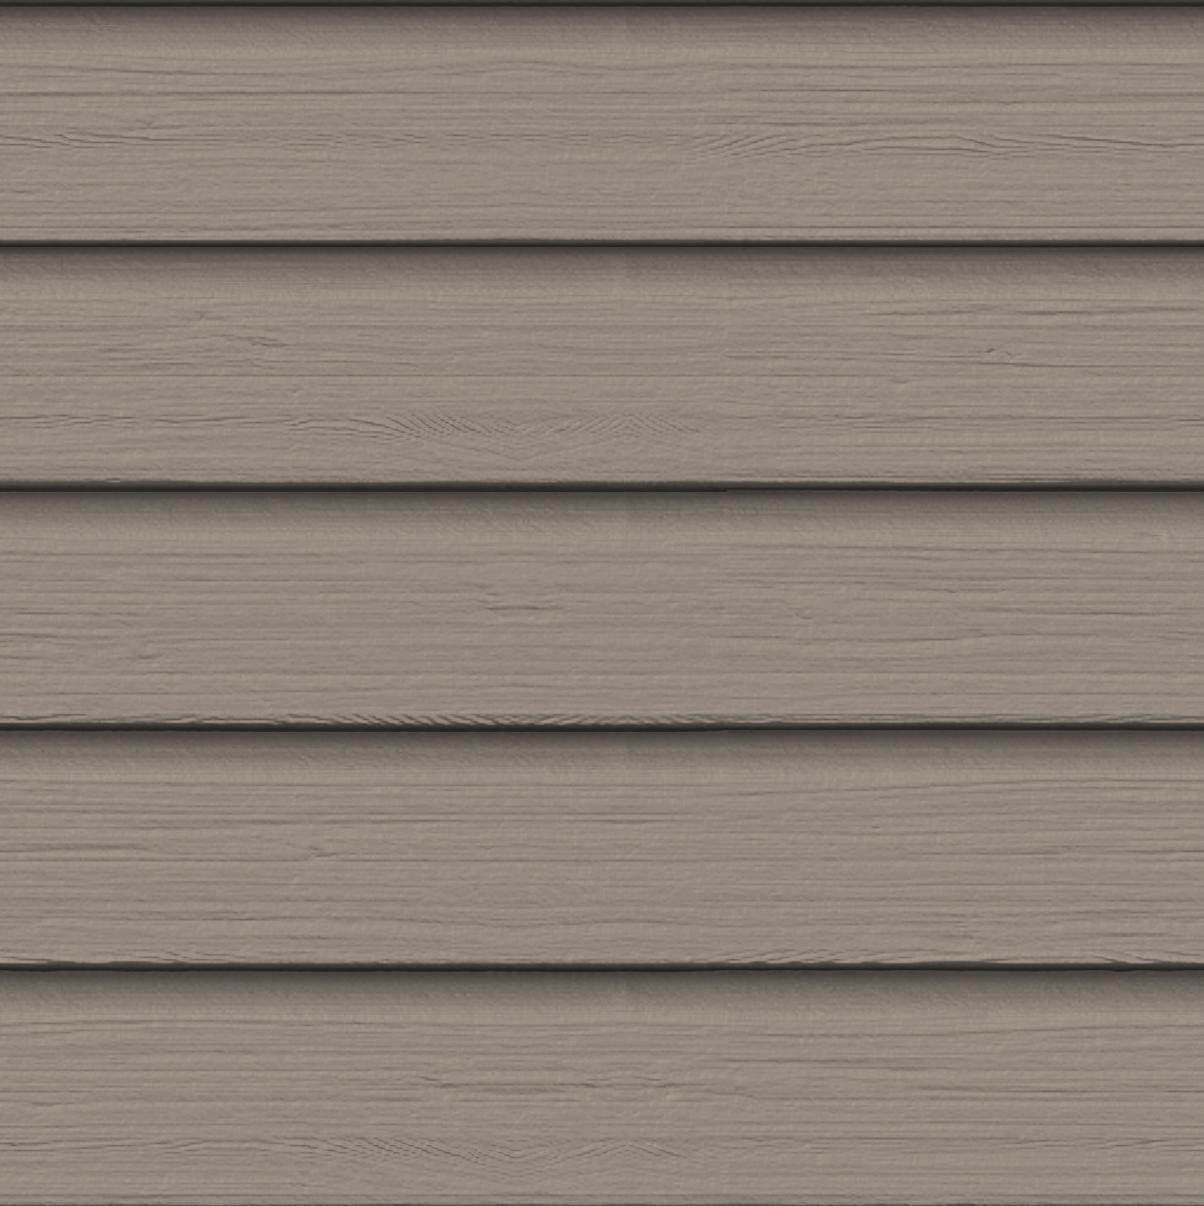 Canexel Sandalwood Horizontal Sidings